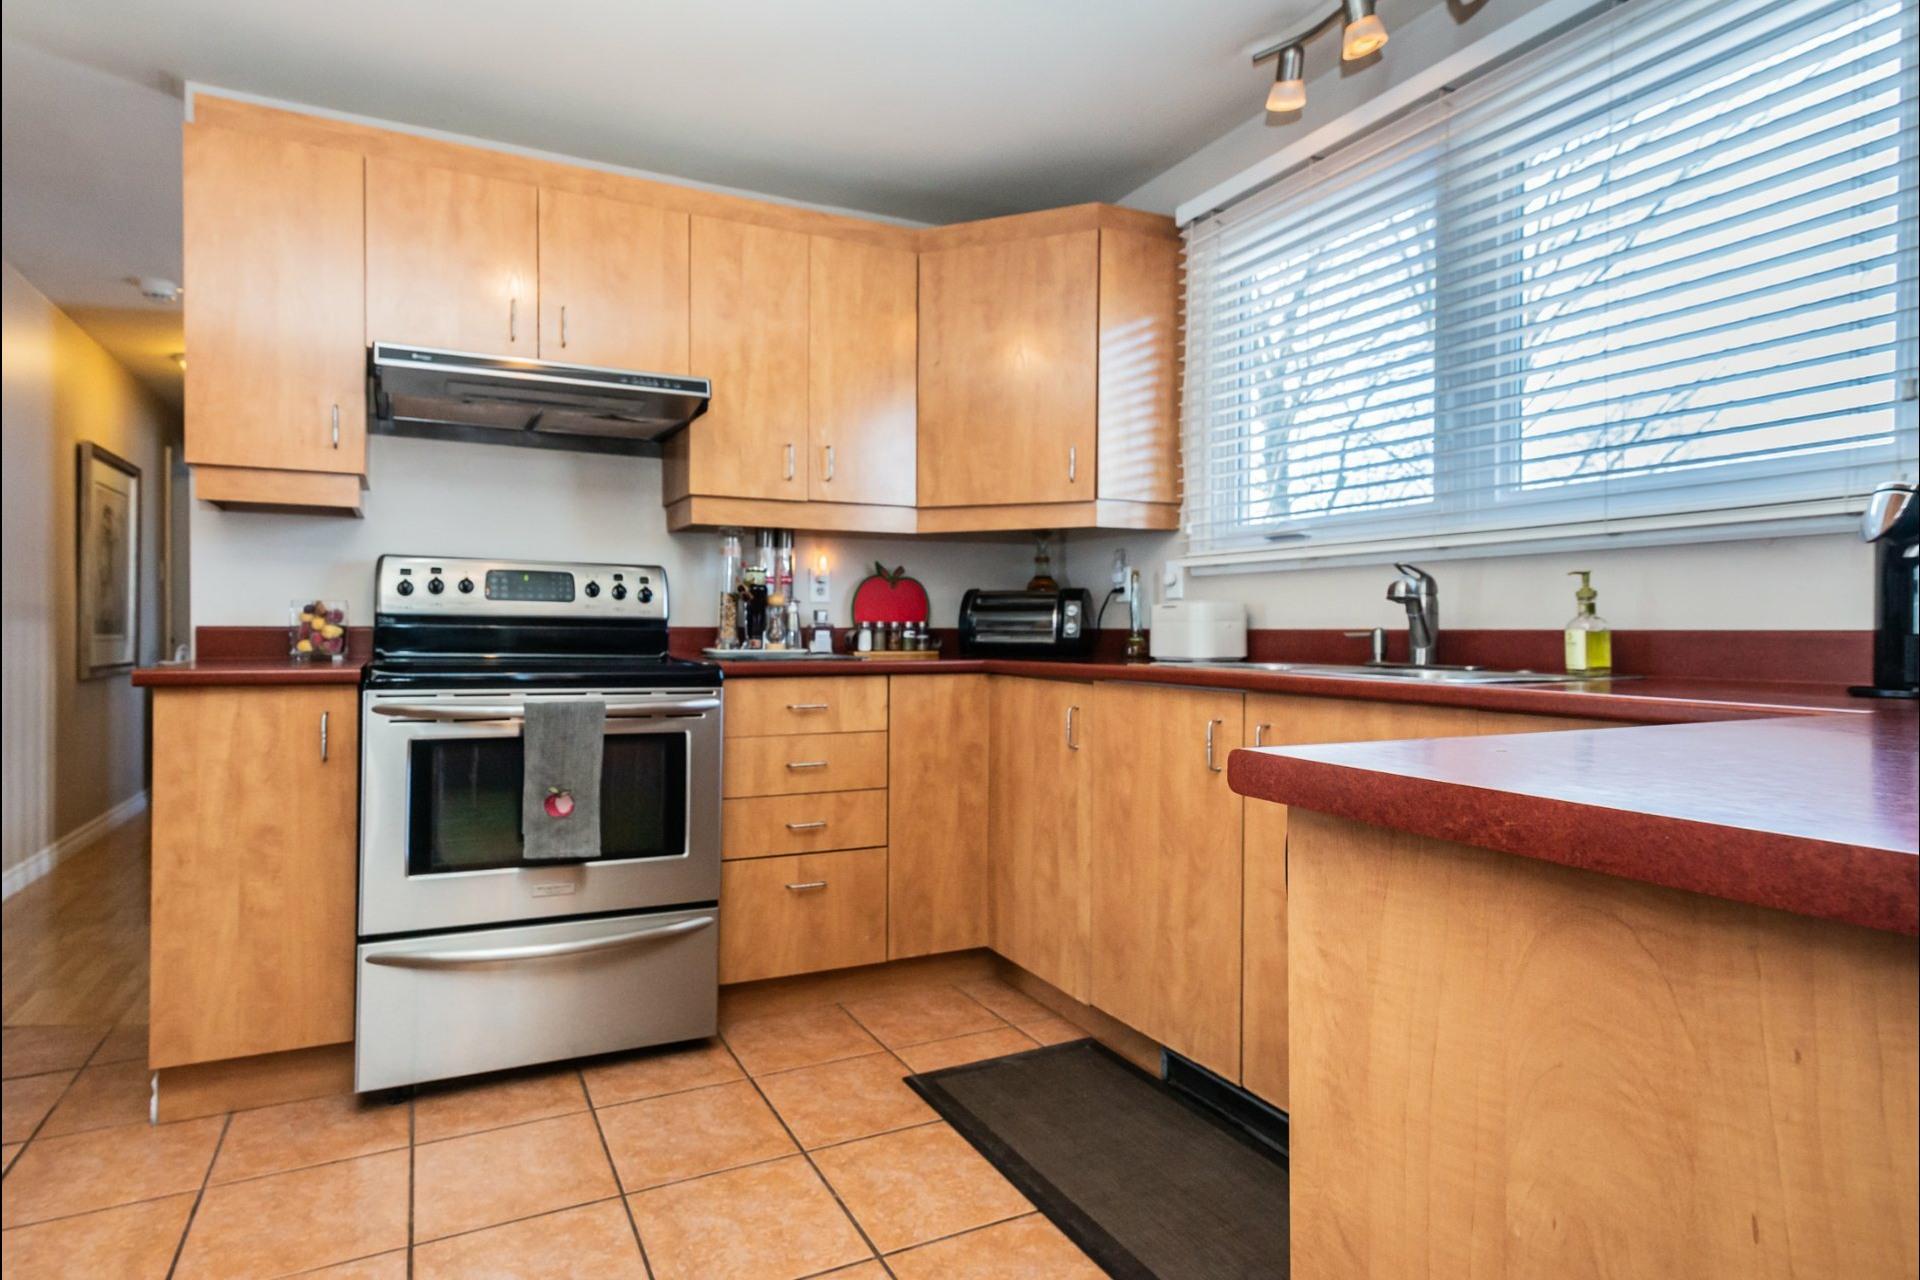 image 10 - House For sale L'Île-Bizard/Sainte-Geneviève Montréal  - 12 rooms